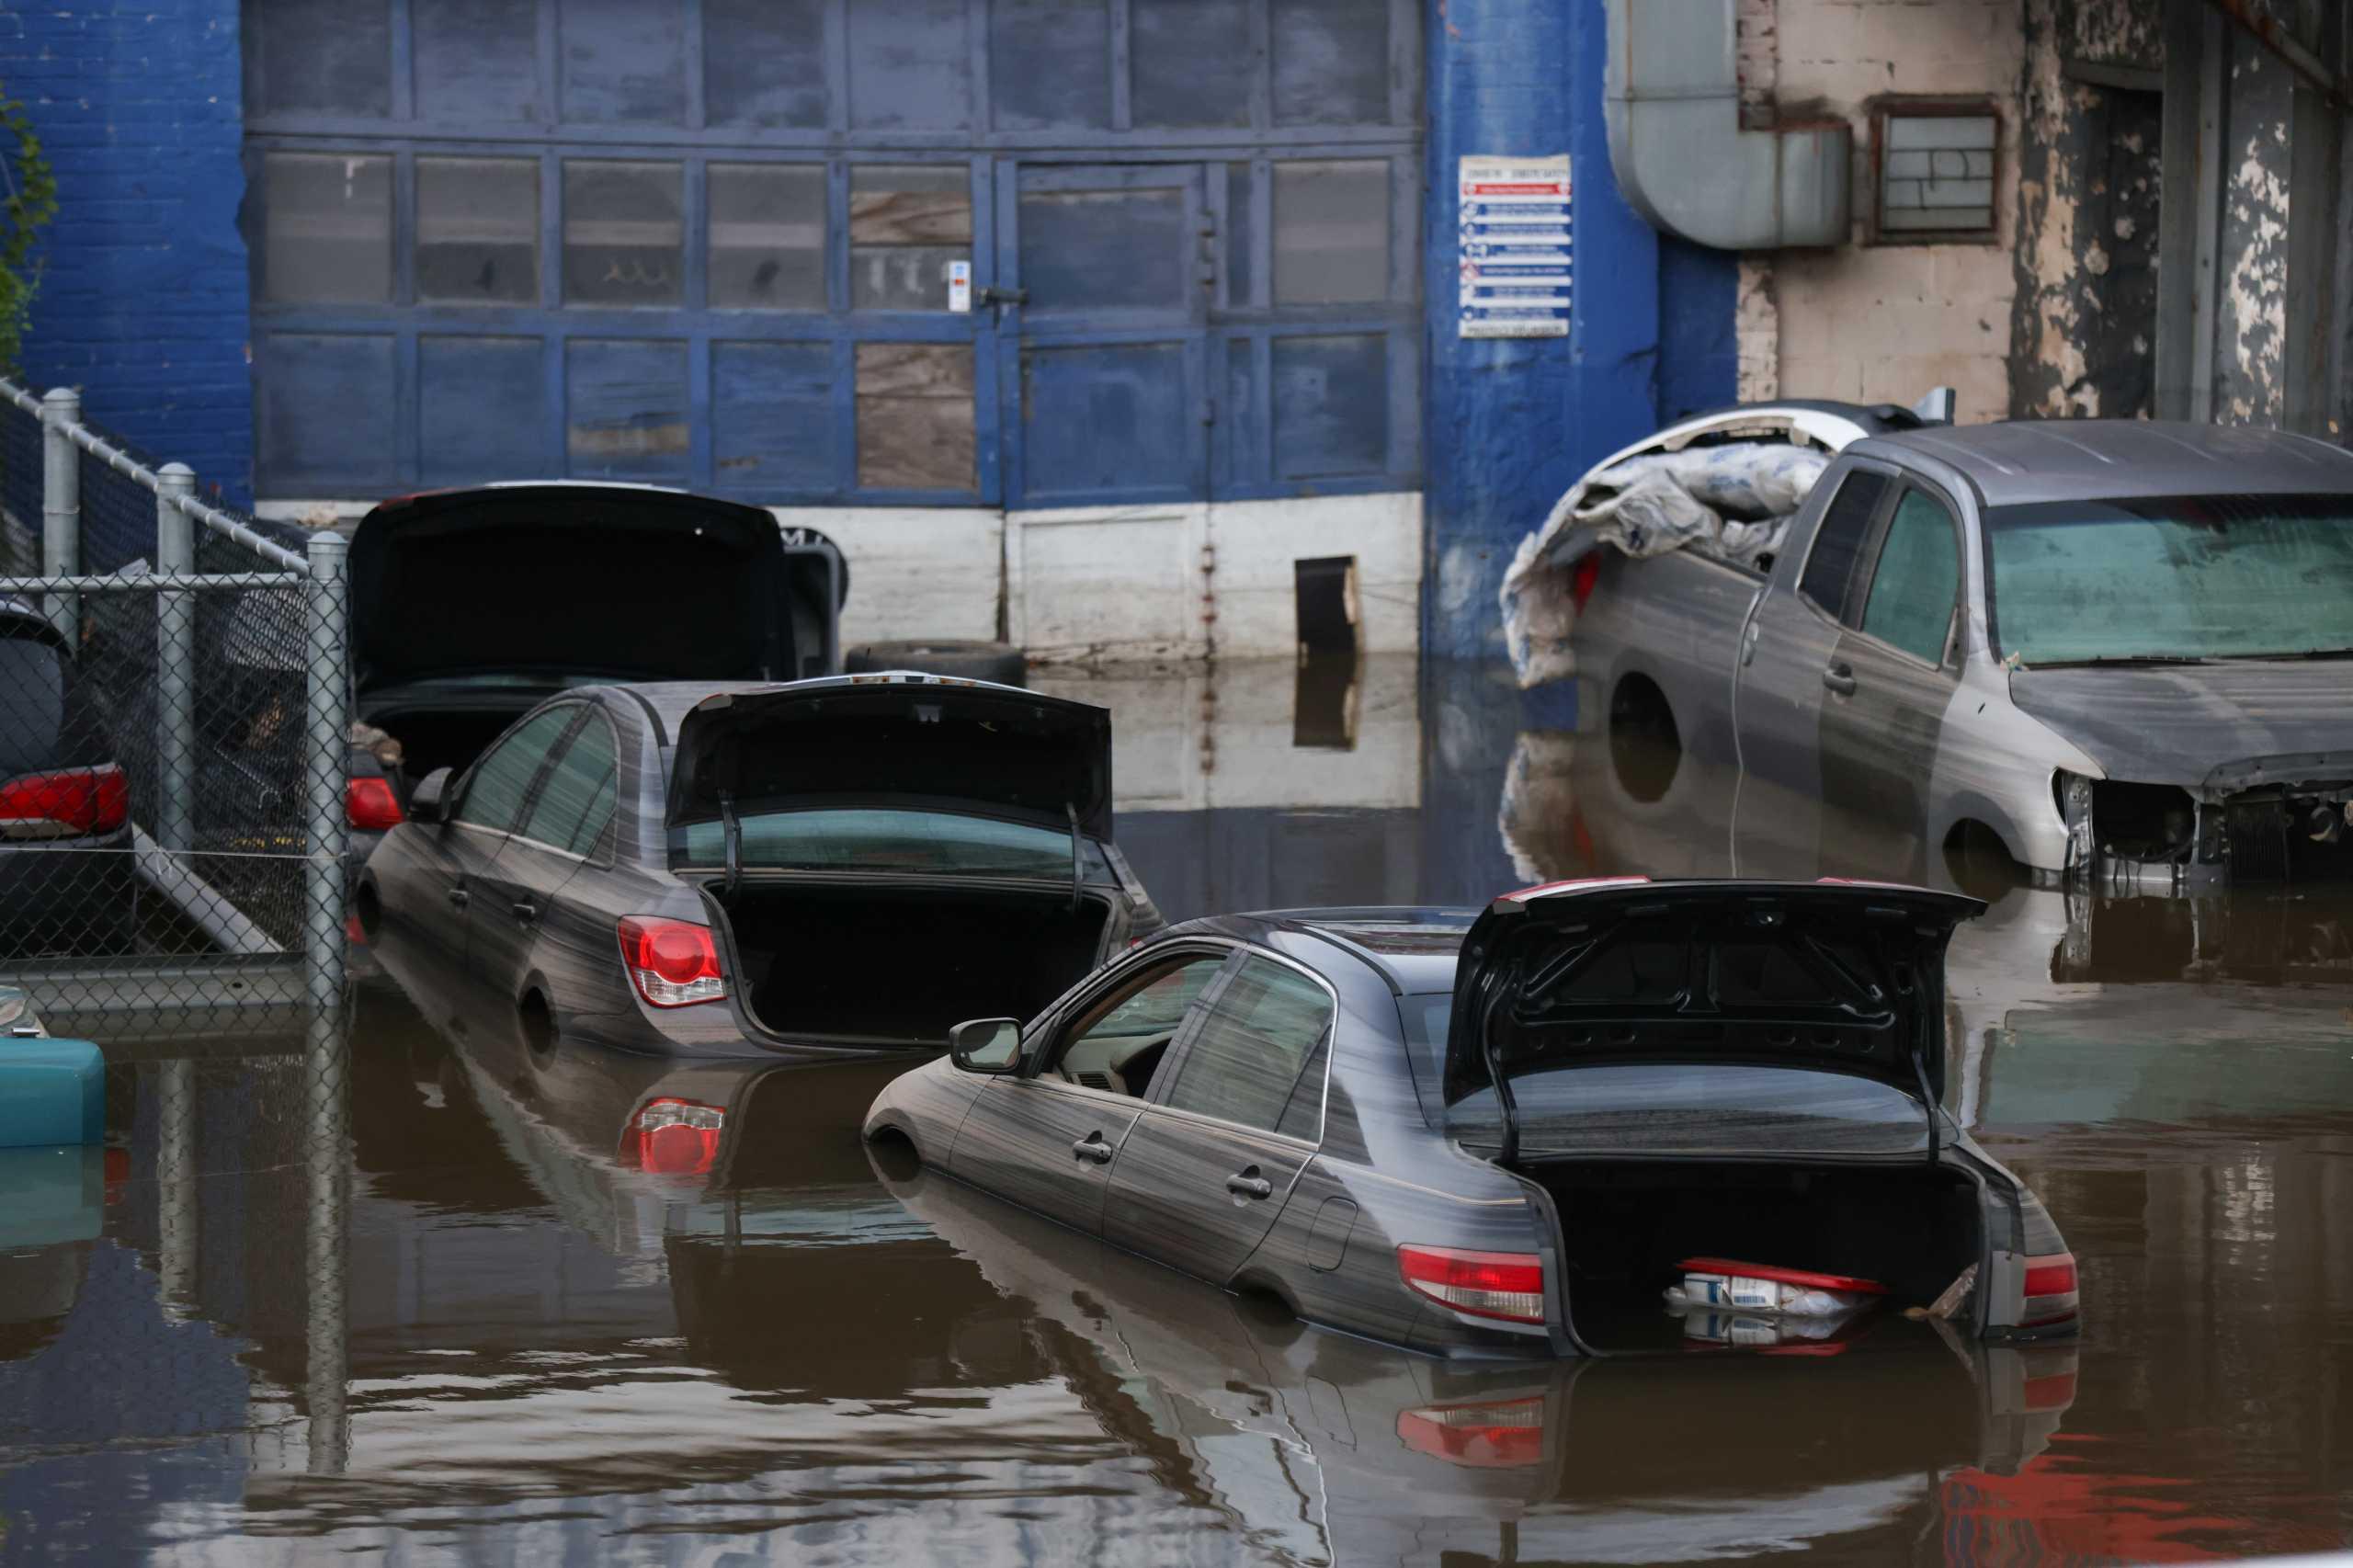 Σαρωτικό πέρασμα της καταιγίδας Άιντα στη Νέα Υόρκη – Μαρτυρία Ελληνίδας: Όλα έγιναν σε 40 λεπτά